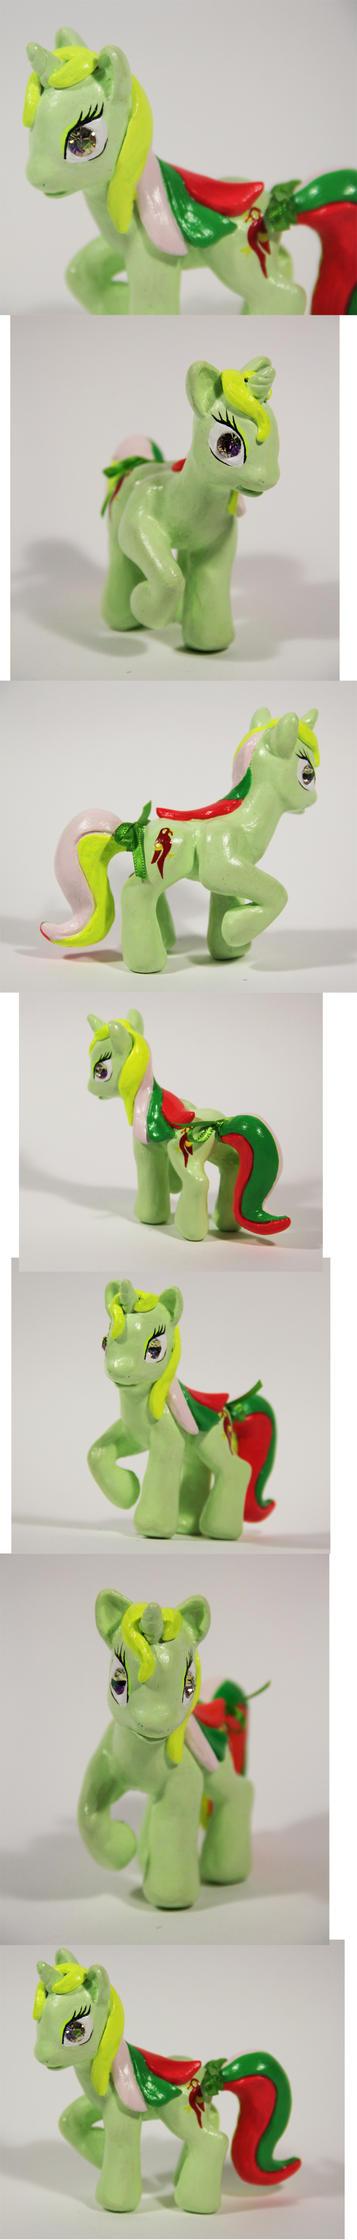 Mimic as G4 Pony by elfenkatze